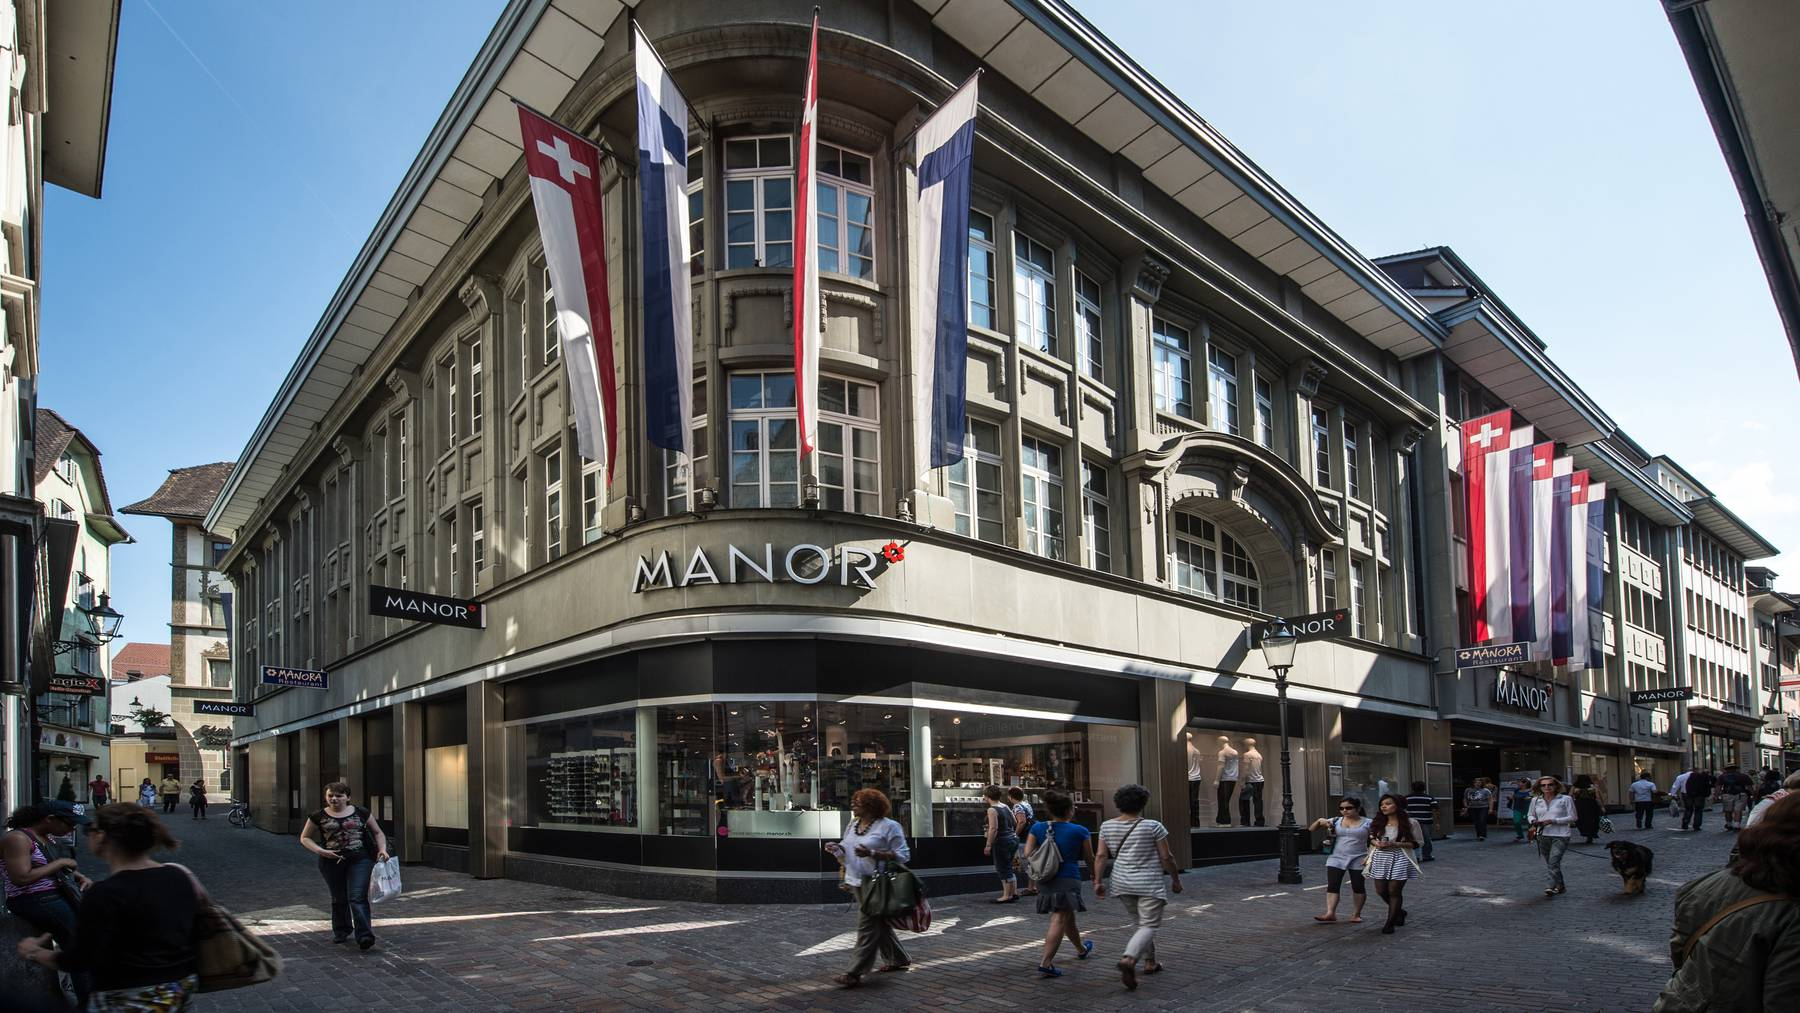 Manor schliesst Läden und baut Arbeitsplätze ab